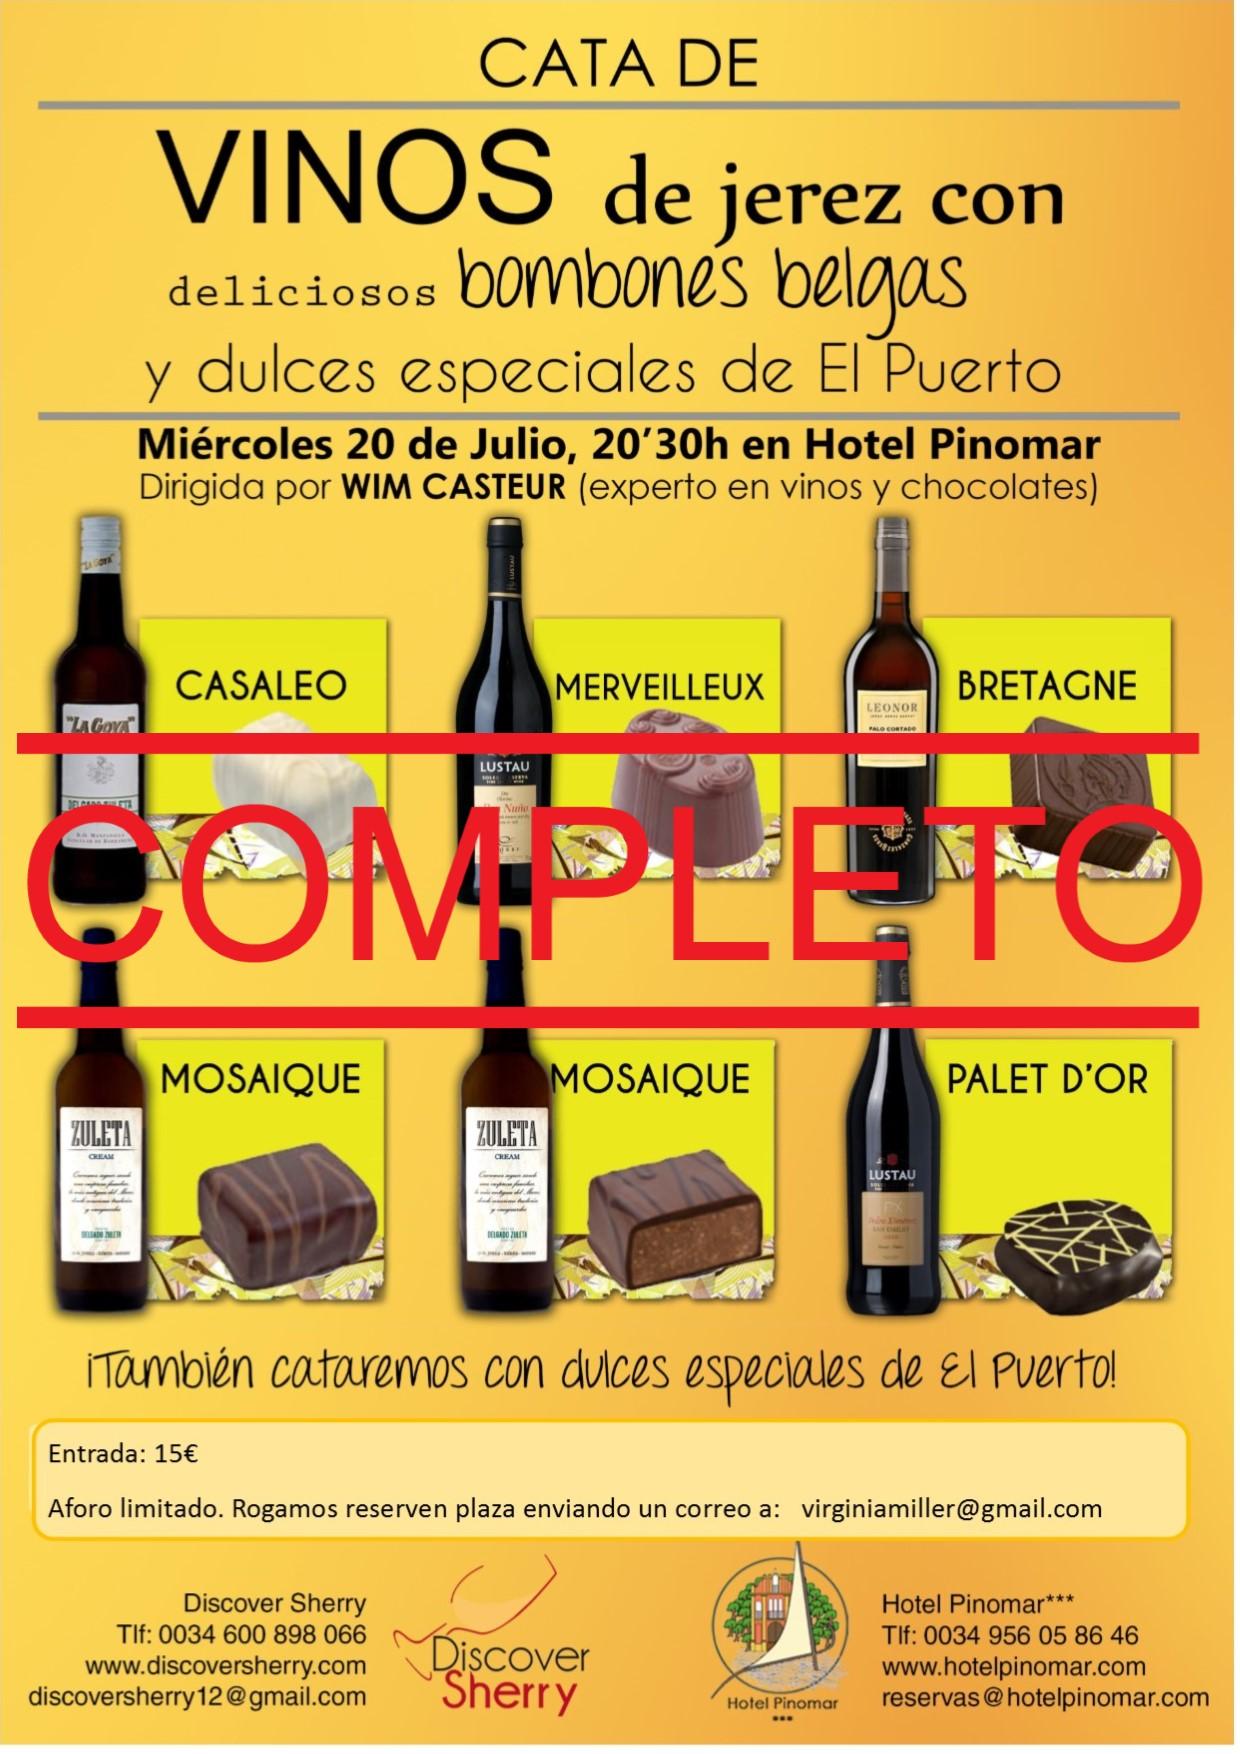 Cata de vinos de Jerez, Bombones Belgas y Dulces de El Puerto: AFORO COMPLETO(Spanish)